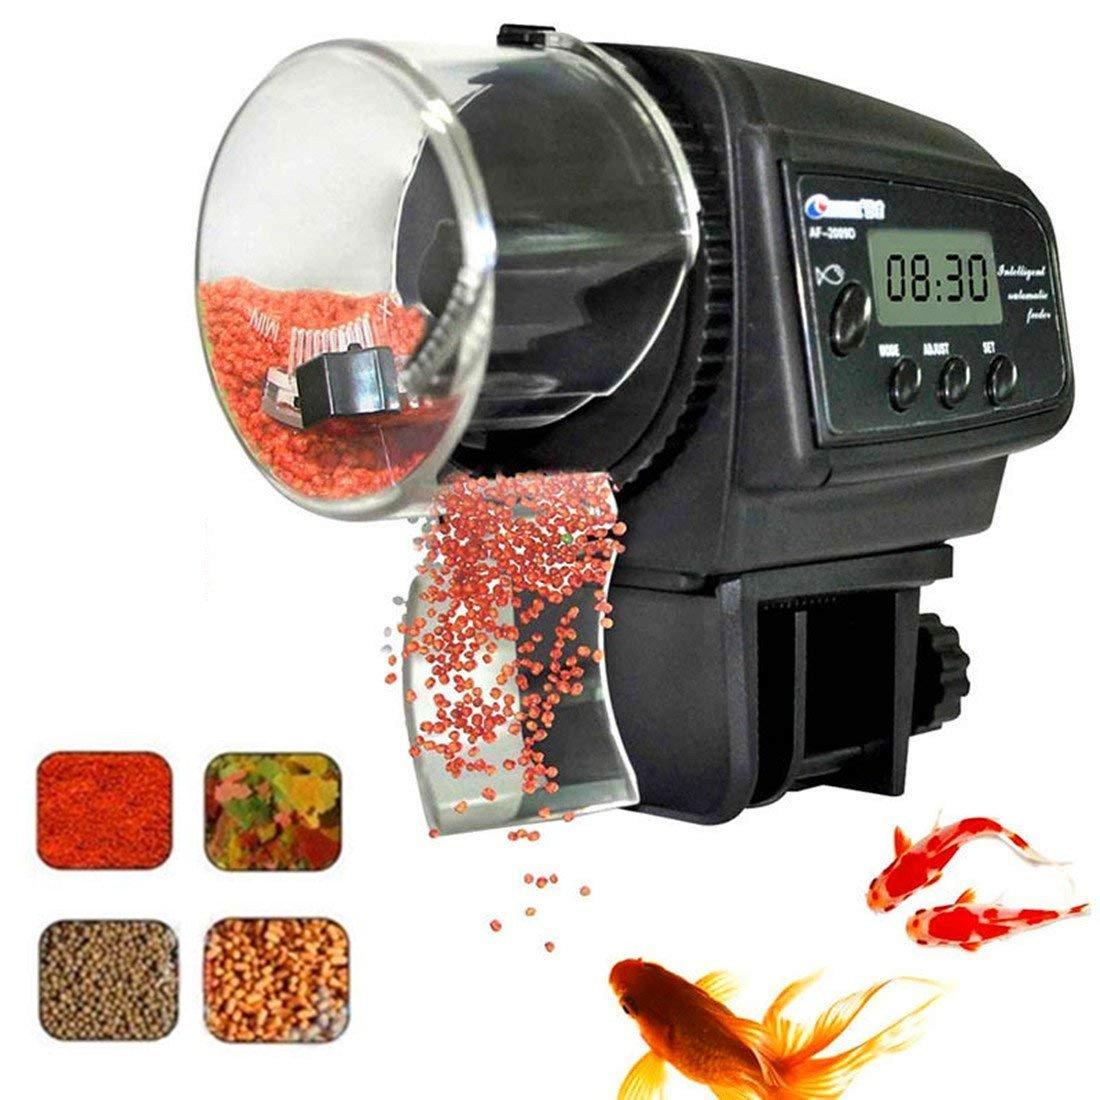 auto feeder image